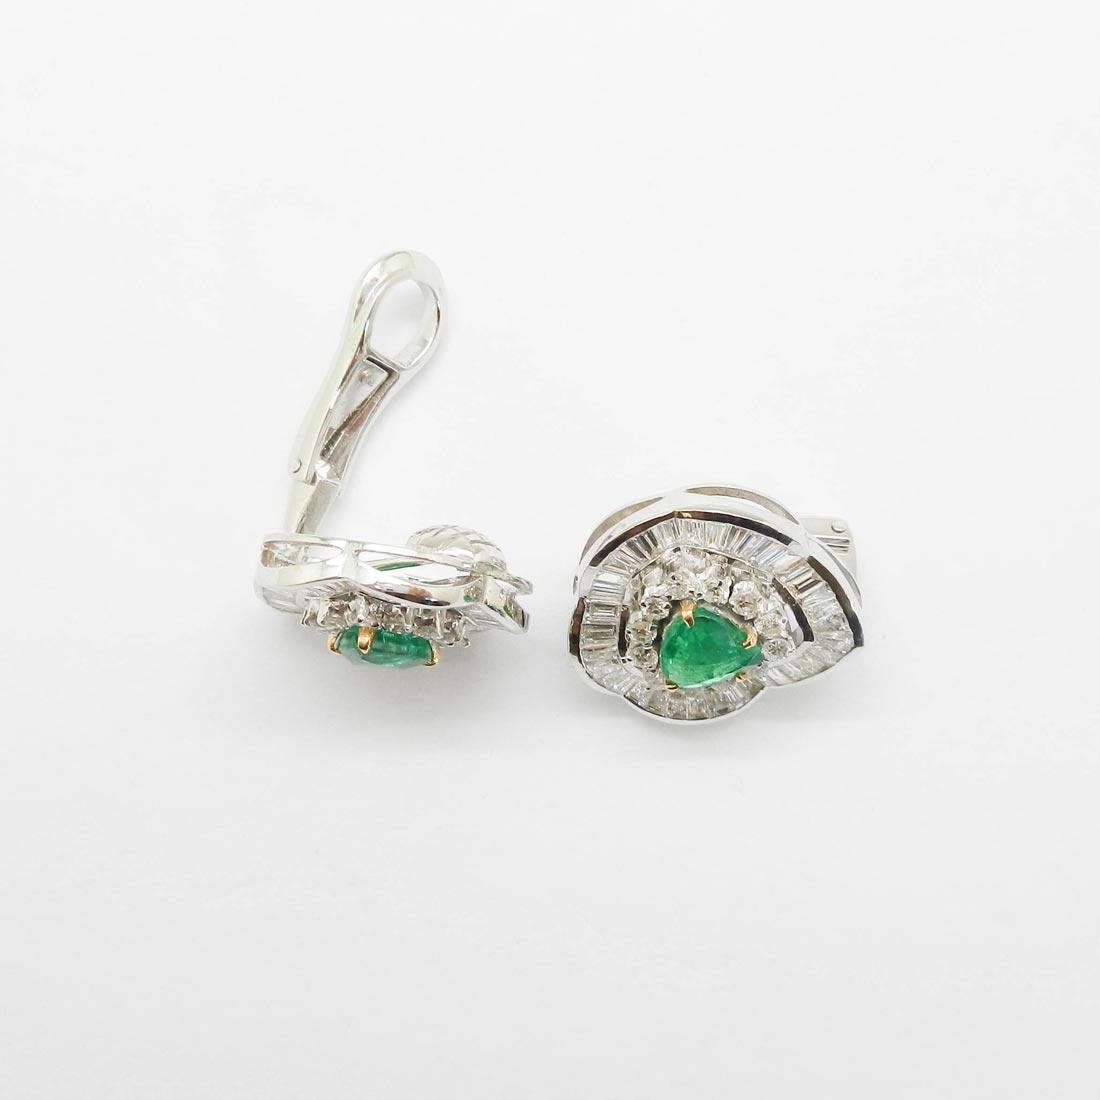 il-marchese-diamonds-diamanti-gioielli-artigianali-orecchini-smeraldo-oro-bianco-2